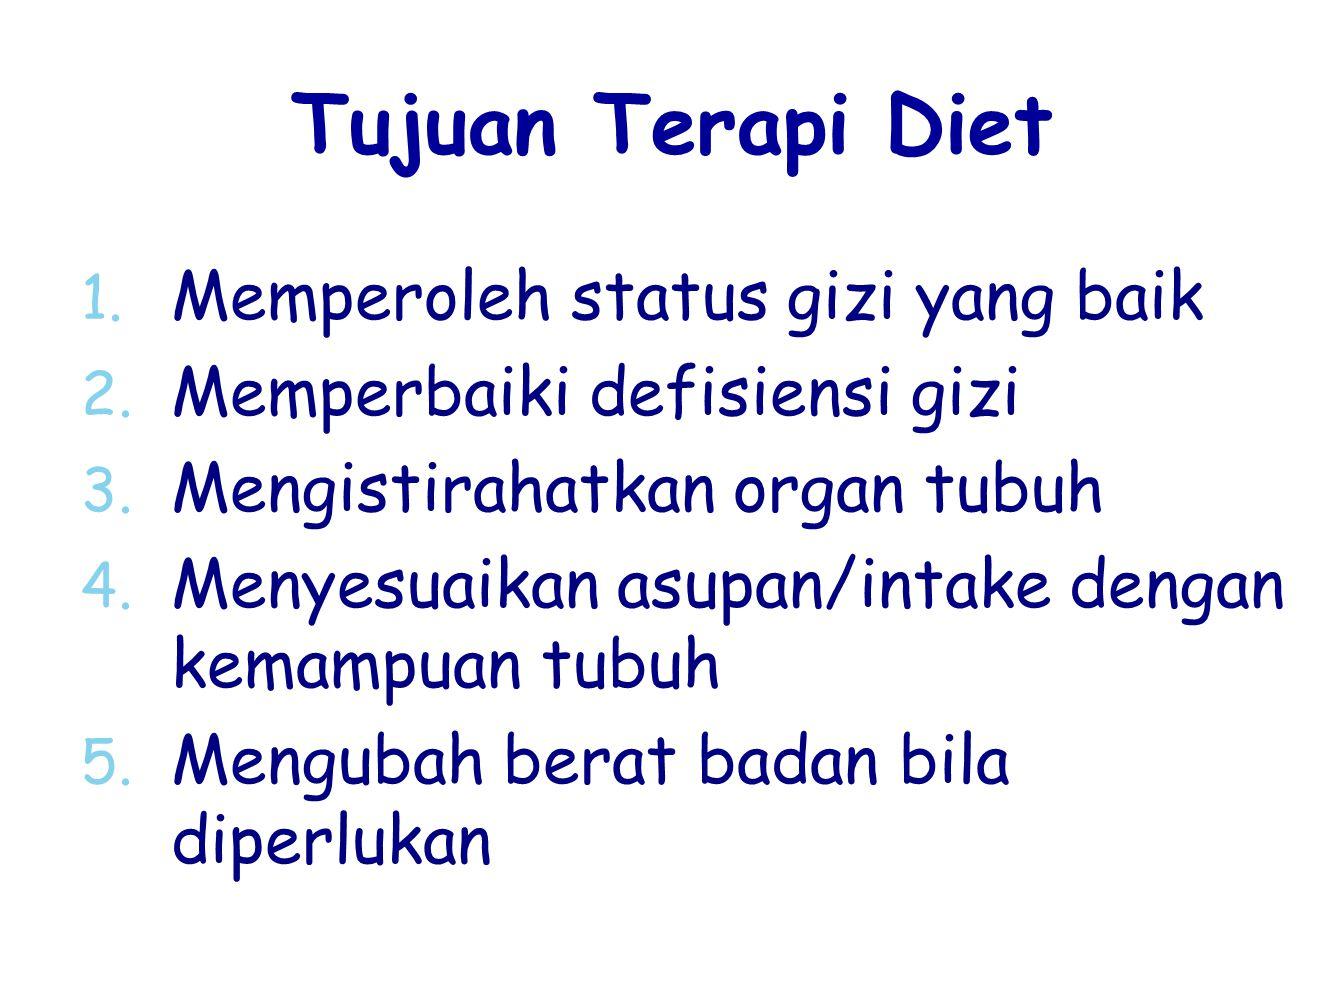 Tujuan Terapi Diet 1. 1. Memperoleh status gizi yang baik 2. 2. Memperbaiki defisiensi gizi 3. 3. Mengistirahatkan organ tubuh 4. 4. Menyesuaikan asup